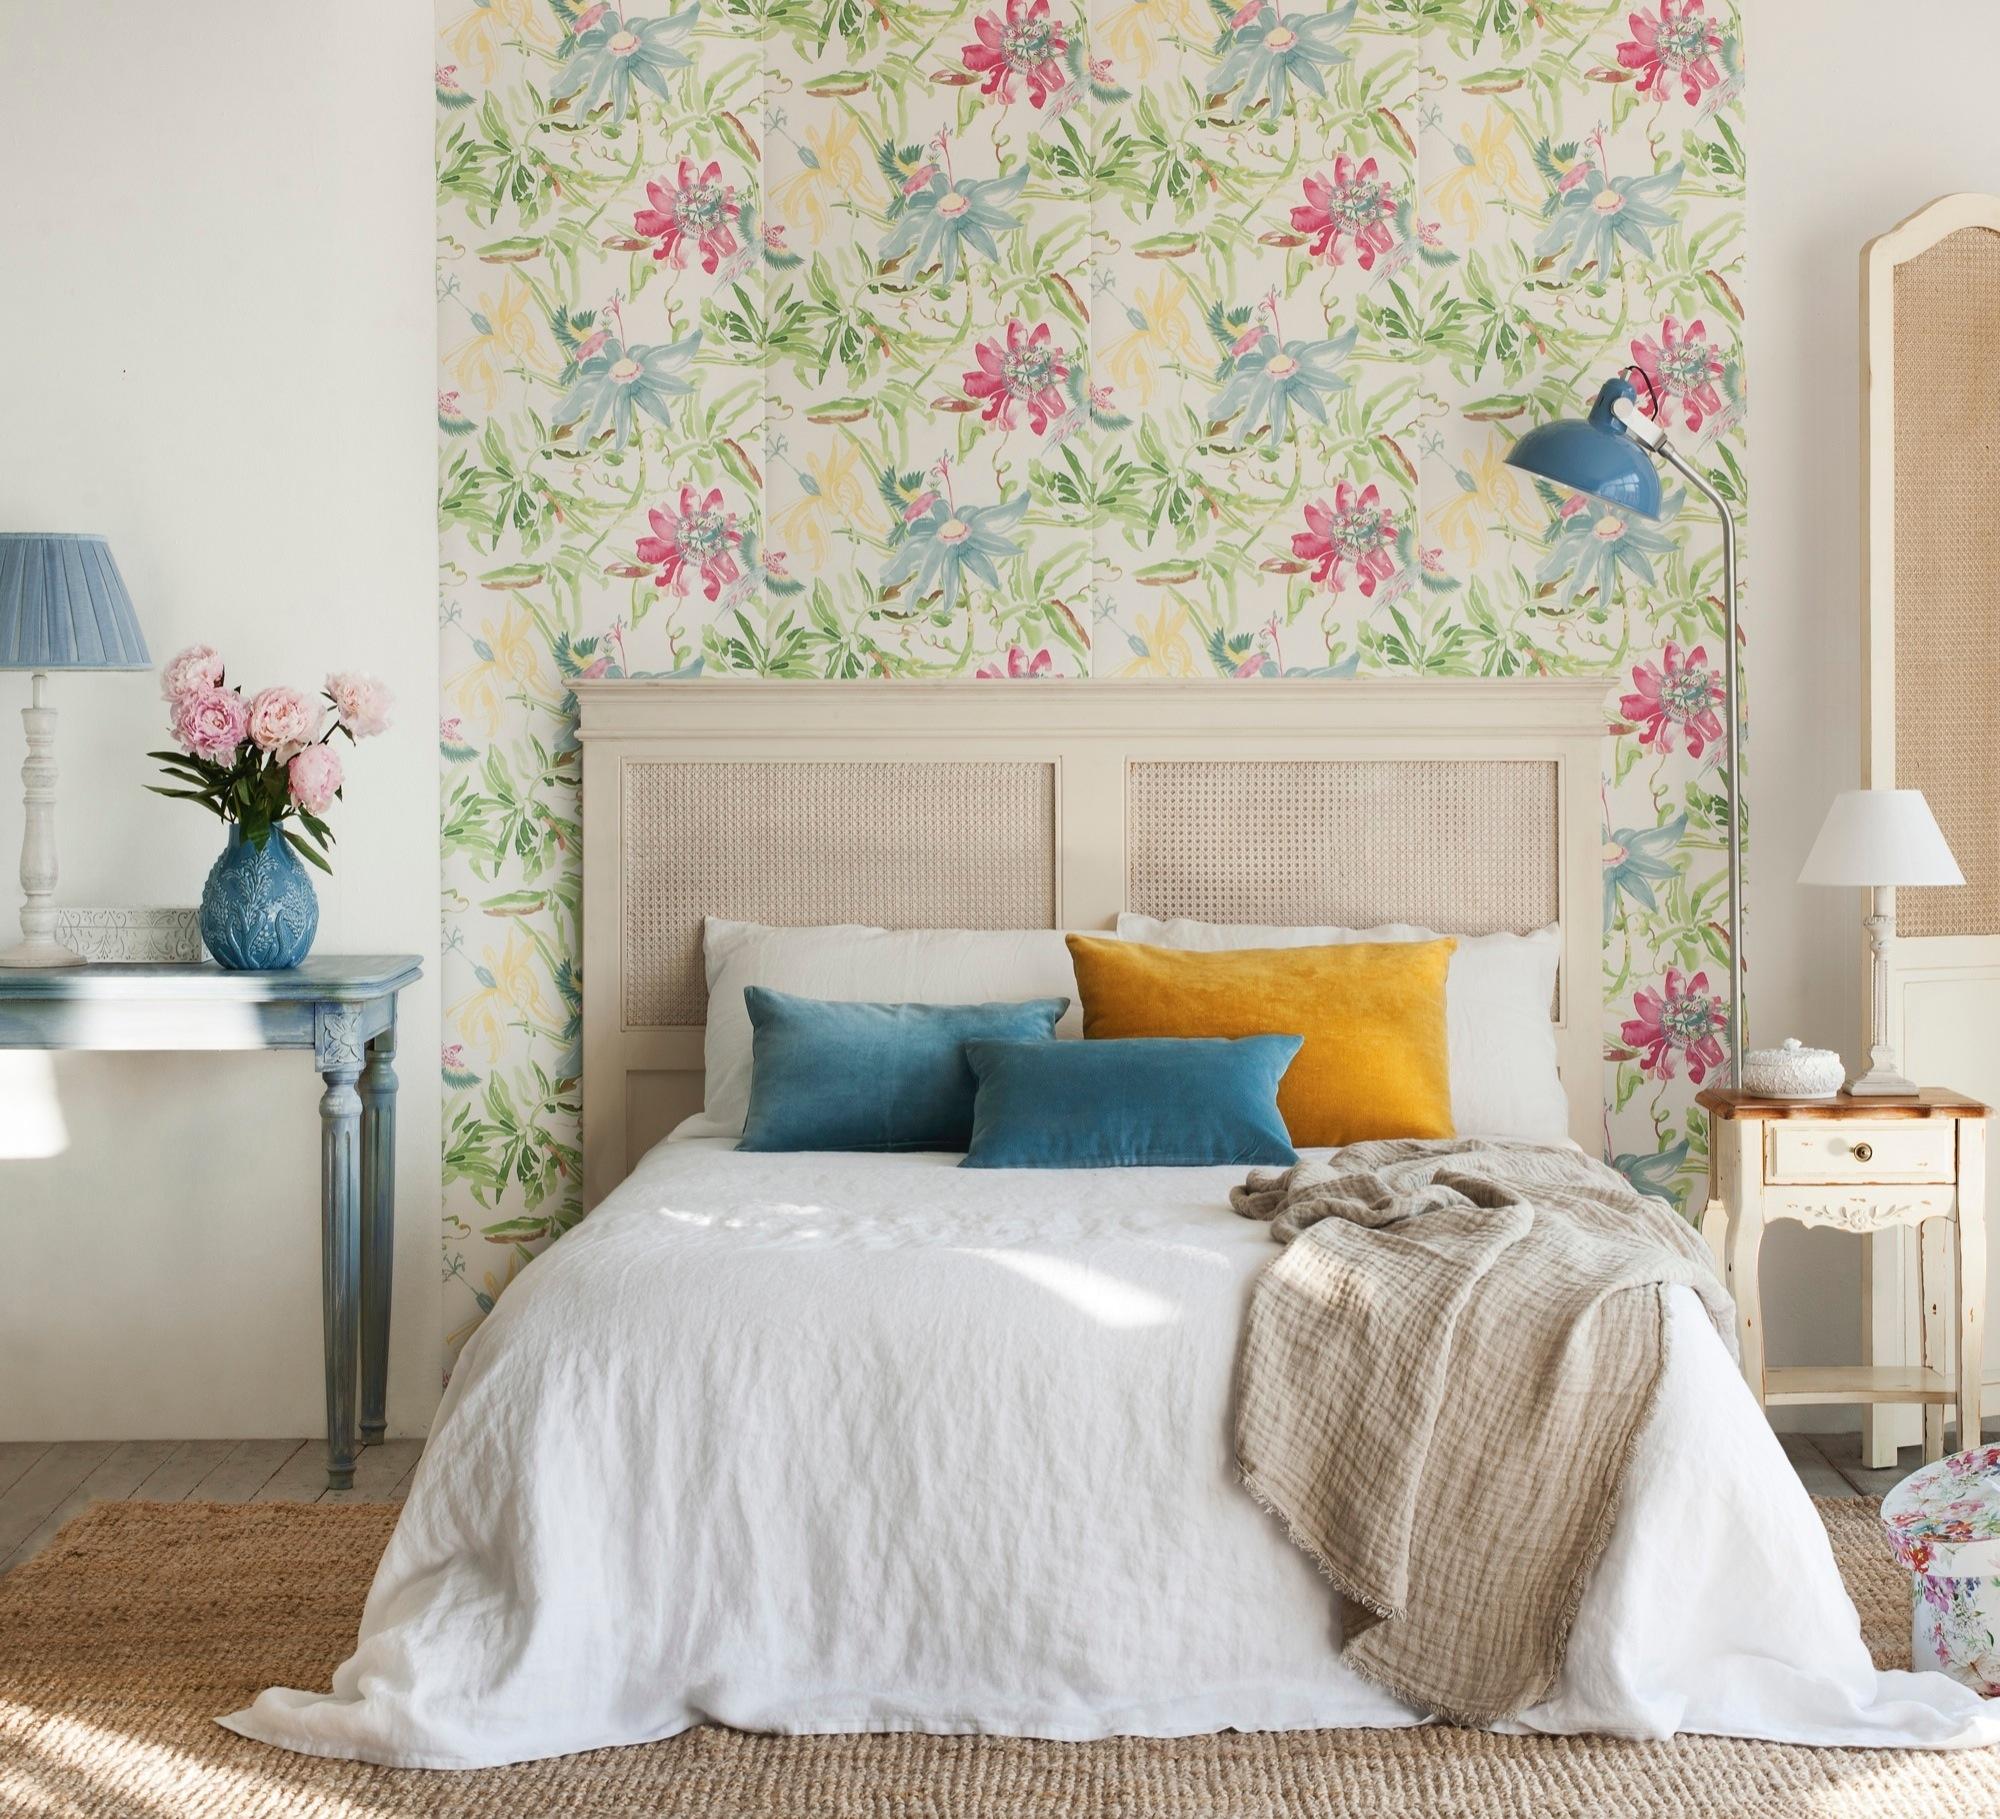 Papel pintado primaveral como terapia para un hogar positivo for Papel habitacion matrimonio